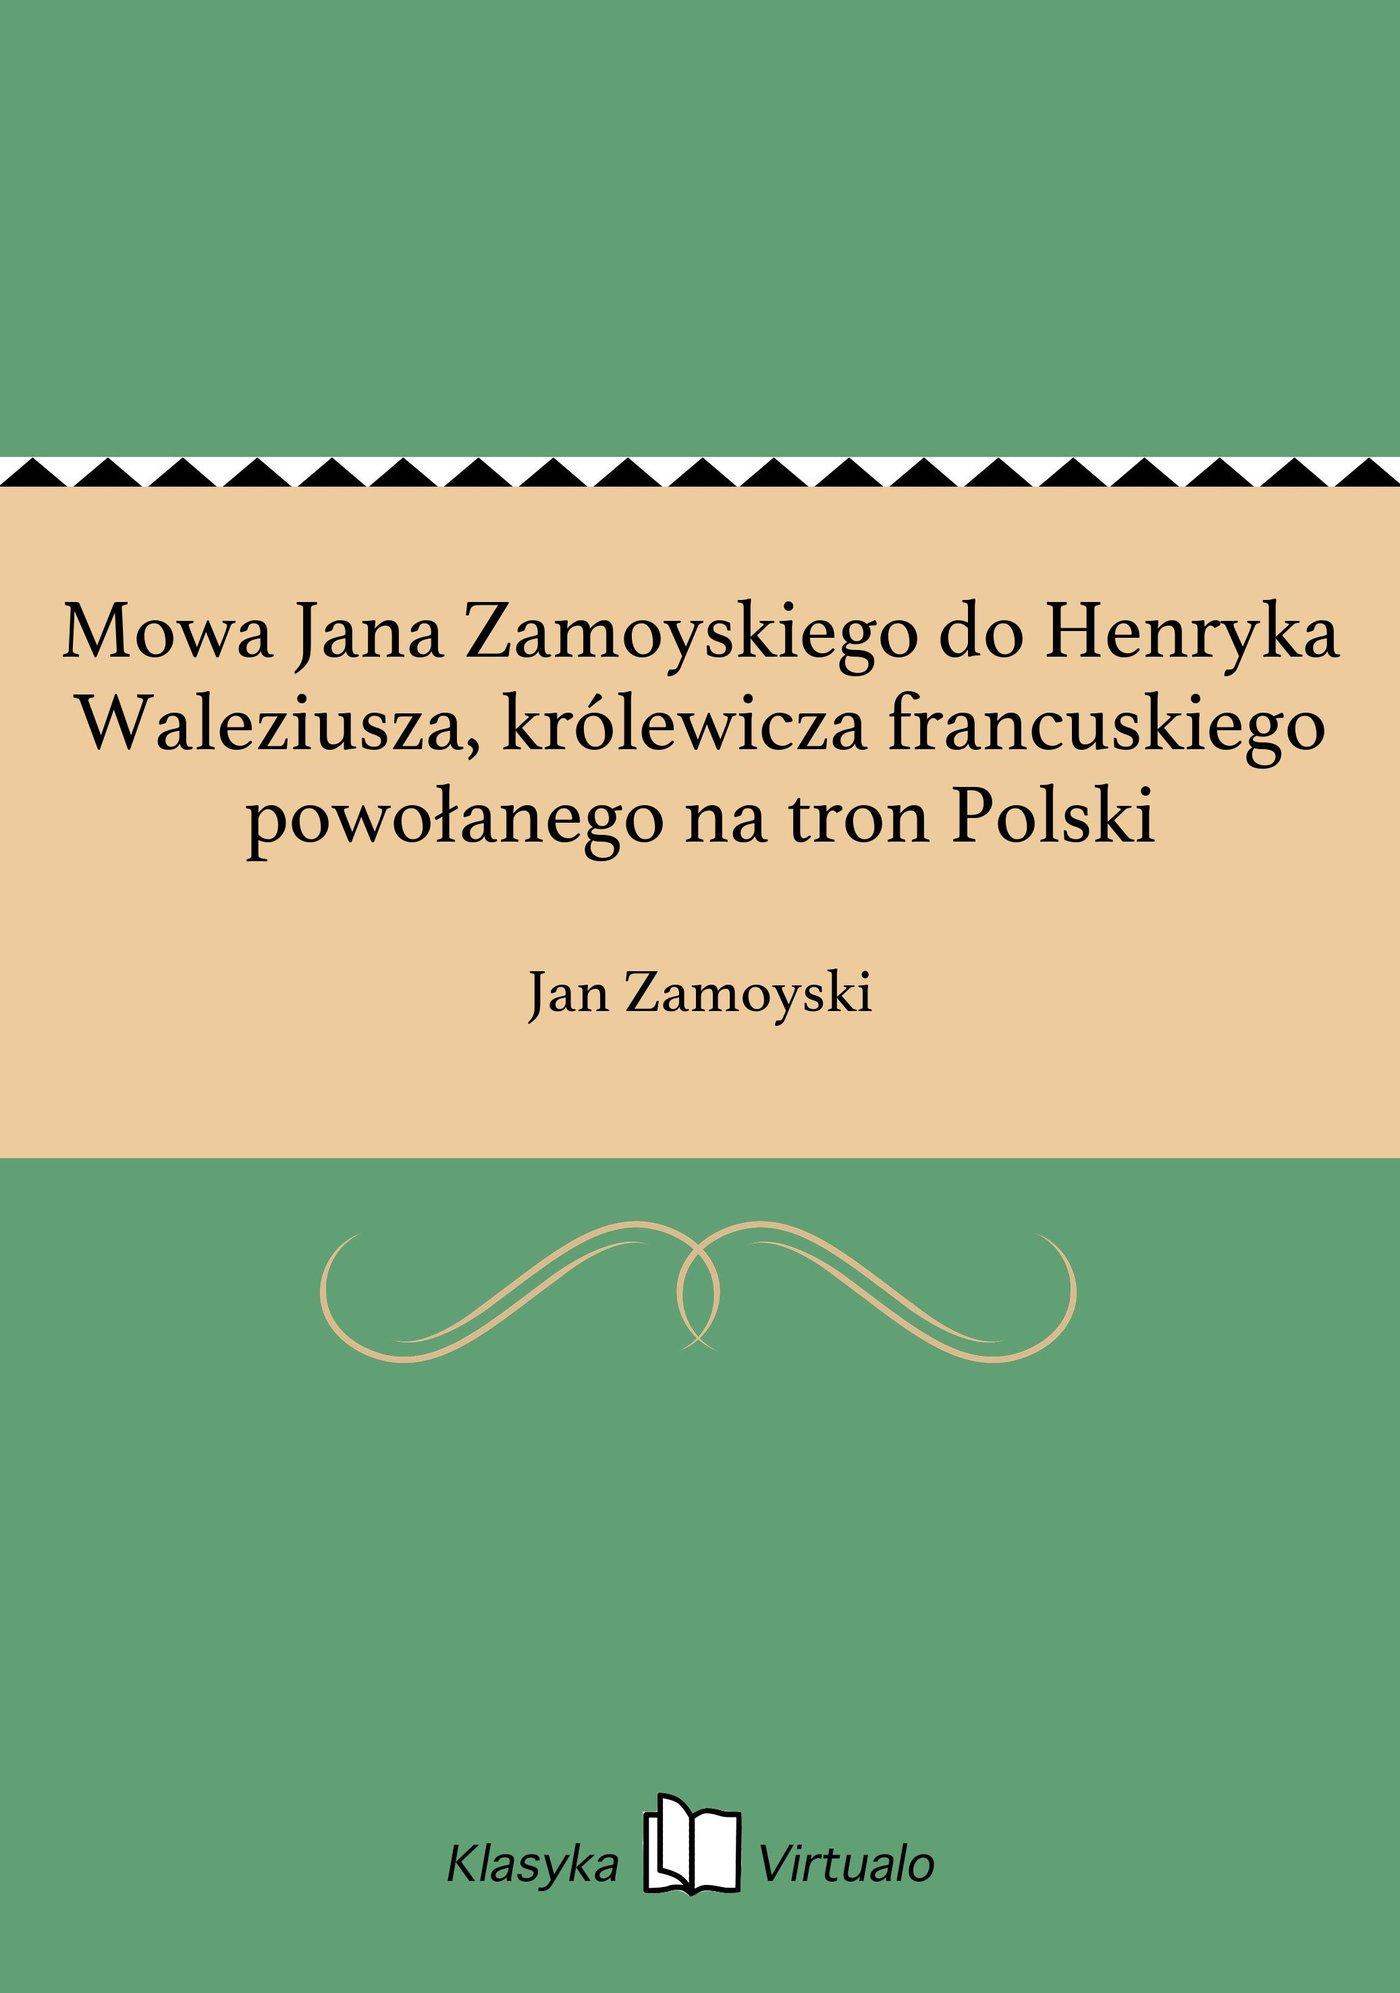 Mowa Jana Zamoyskiego do Henryka Waleziusza, królewicza francuskiego powołanego na tron Polski - Ebook (Książka EPUB) do pobrania w formacie EPUB